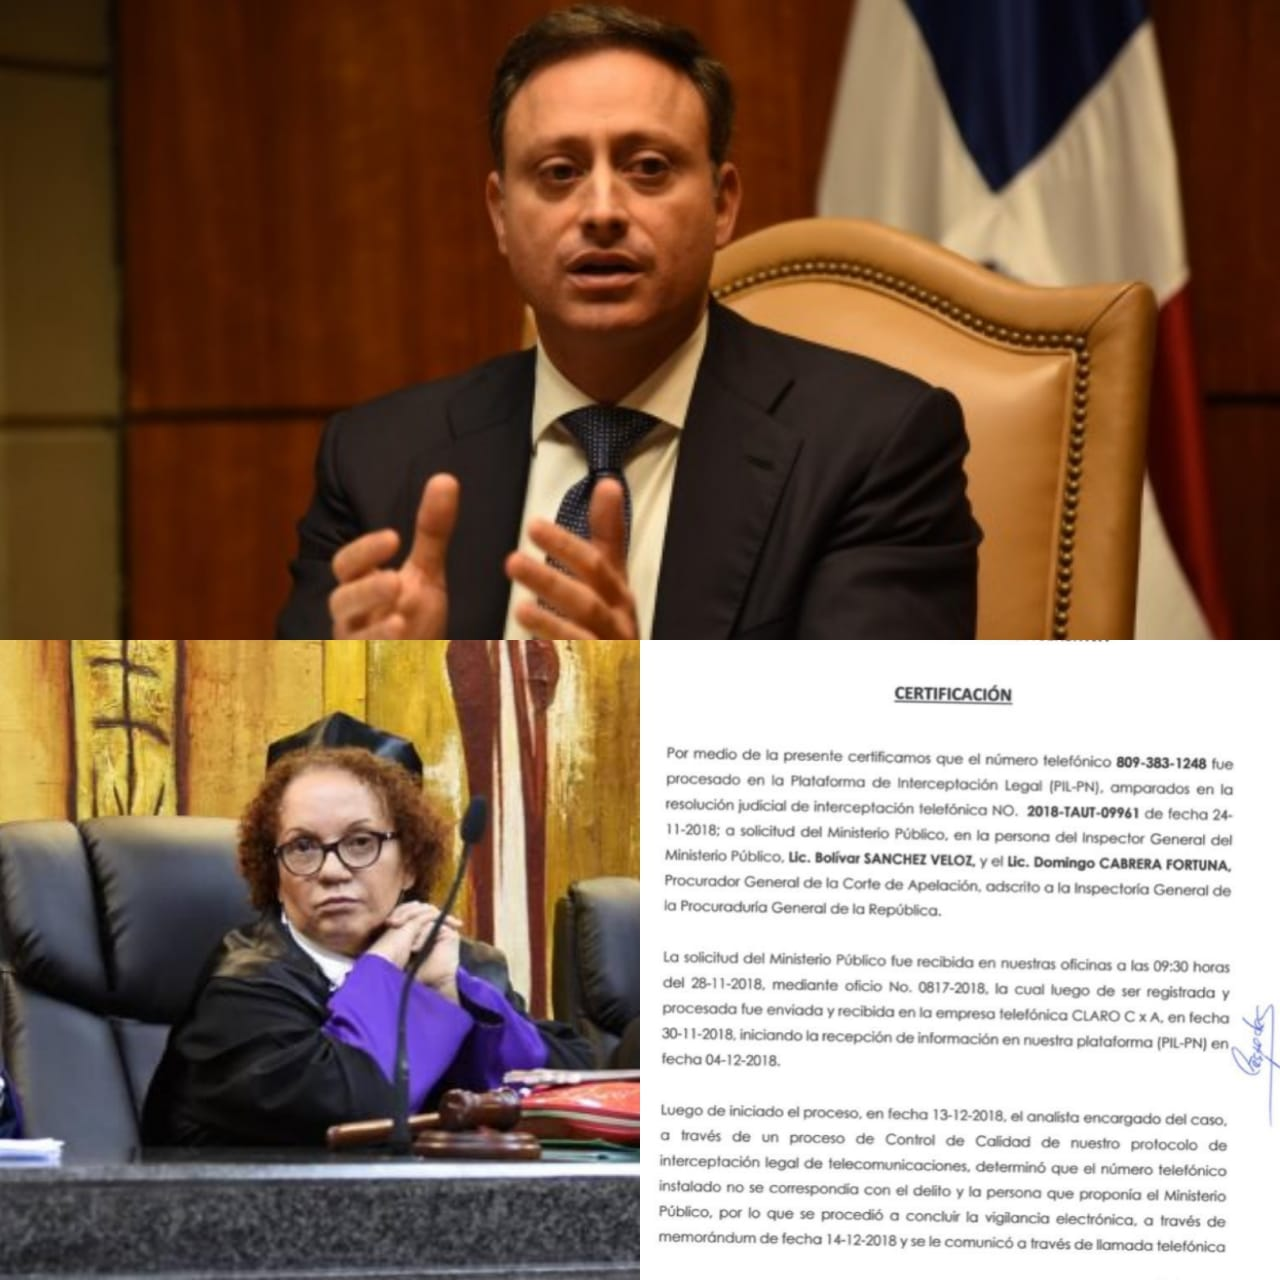 Policía Nacional certifica PGR no recibió información sobre interceptación teléfono de Miriam Germán